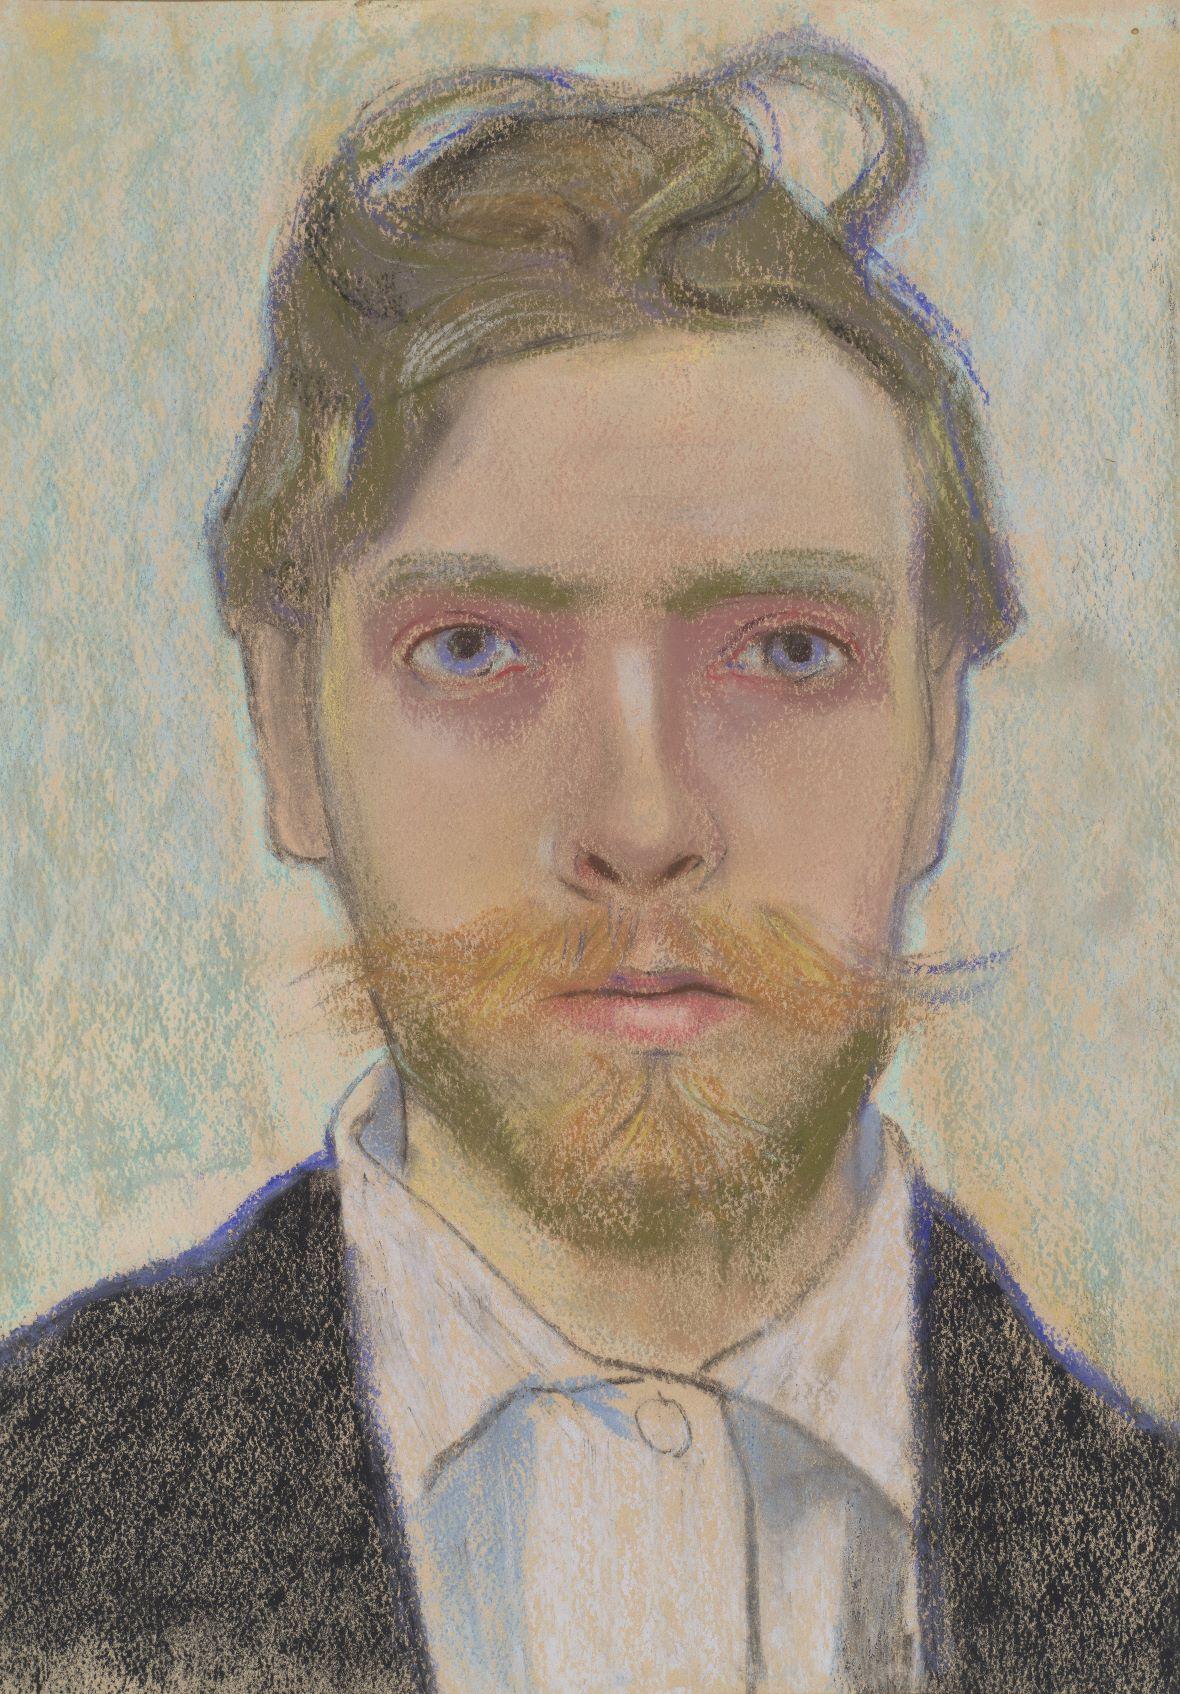 """Stanisław Wyspiański, """"Portret własny artysty"""", 1897, pastel, papier, fot. Michał Obarzanowski/Mirosław Żak (źródło: Muzeum Narodowe w Krakowie)"""